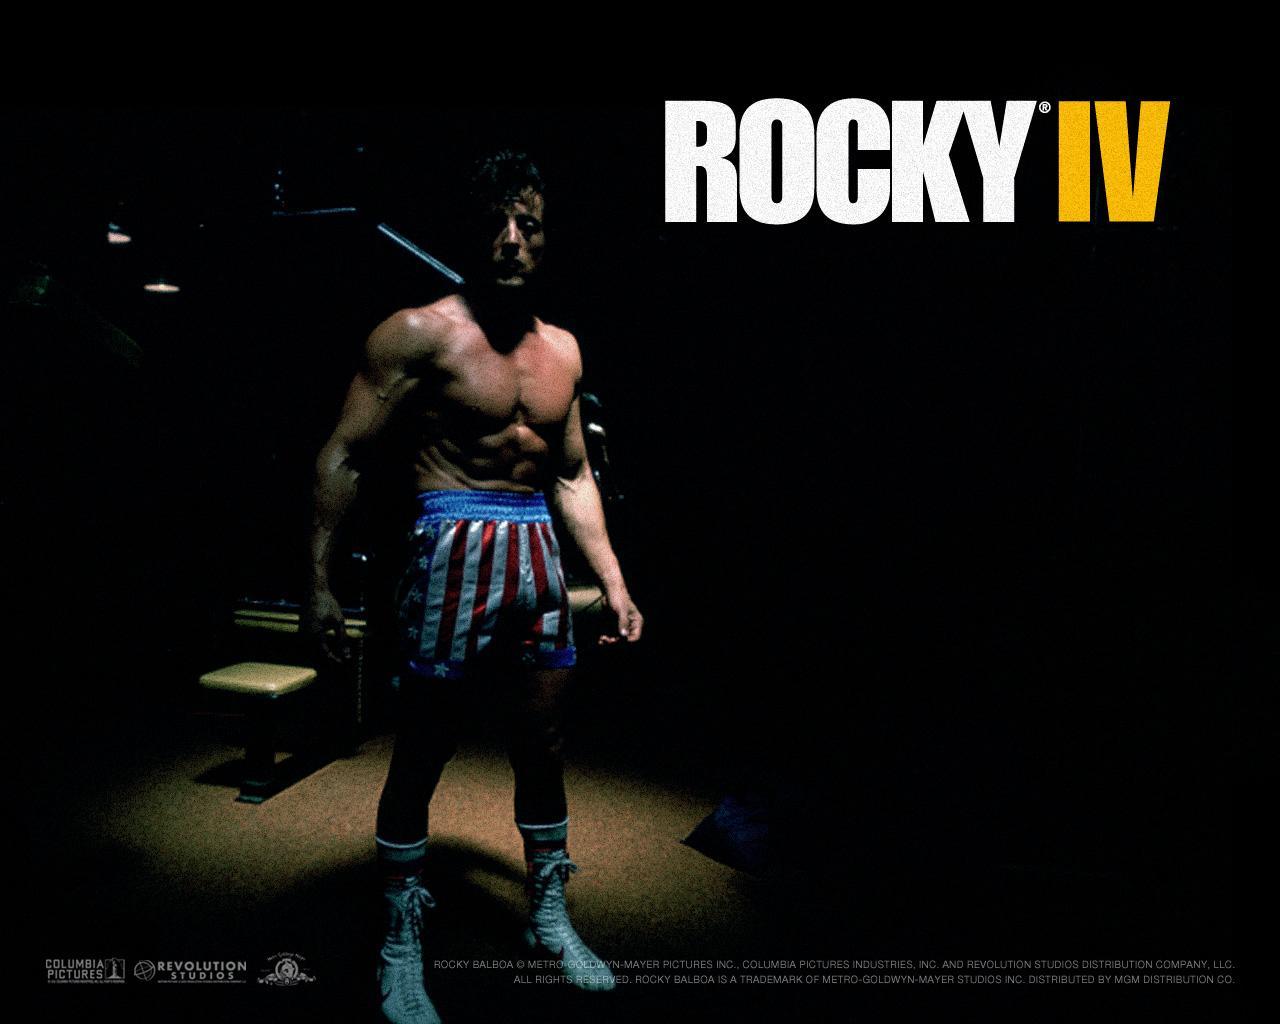 Fonds d'écran du film Rocky Iv - Wallpapers Cinéma